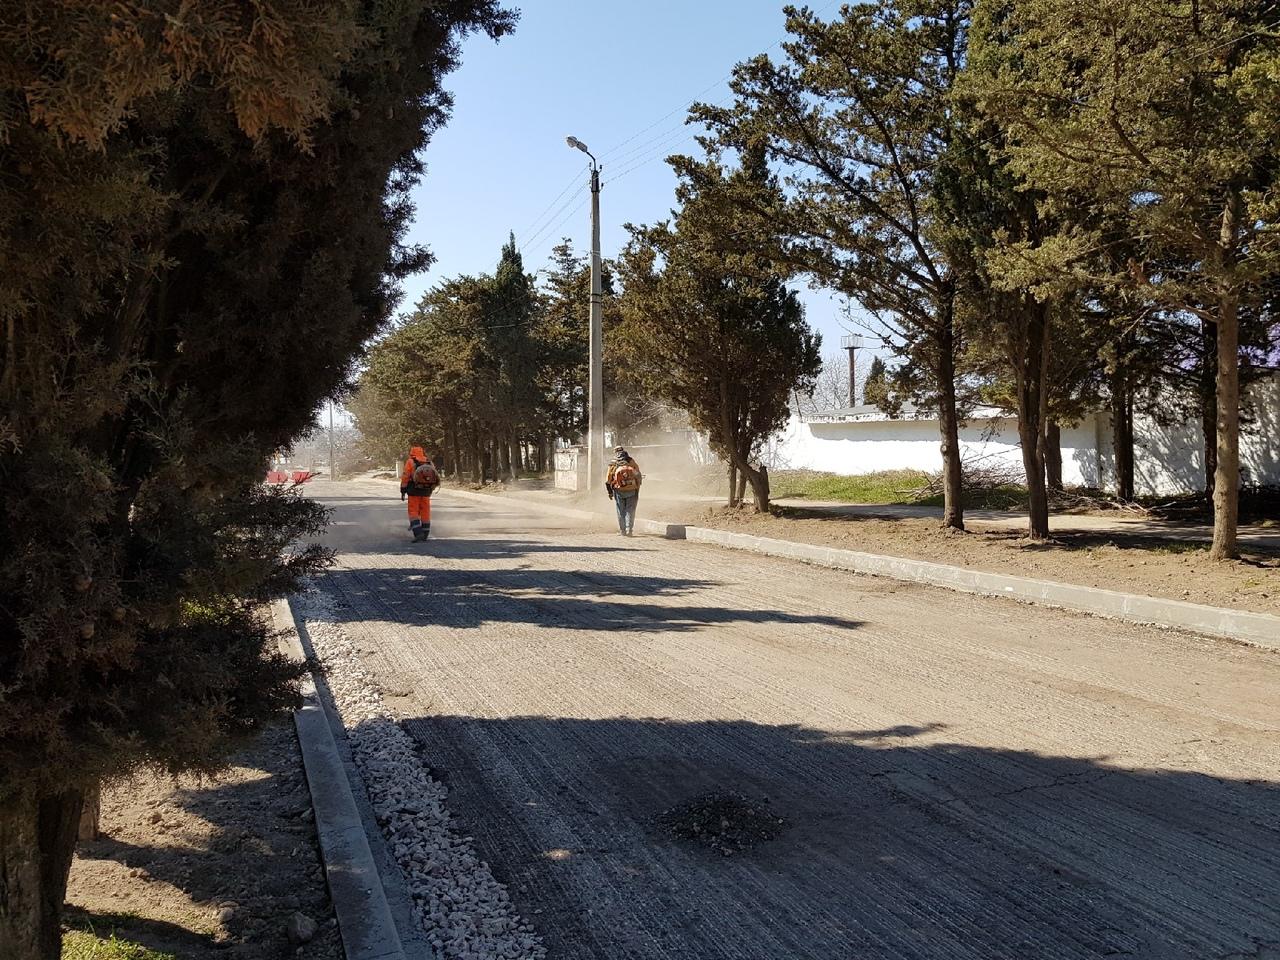 На многострадальной дороге в Севастополе начался ремонт – движение перекрыто